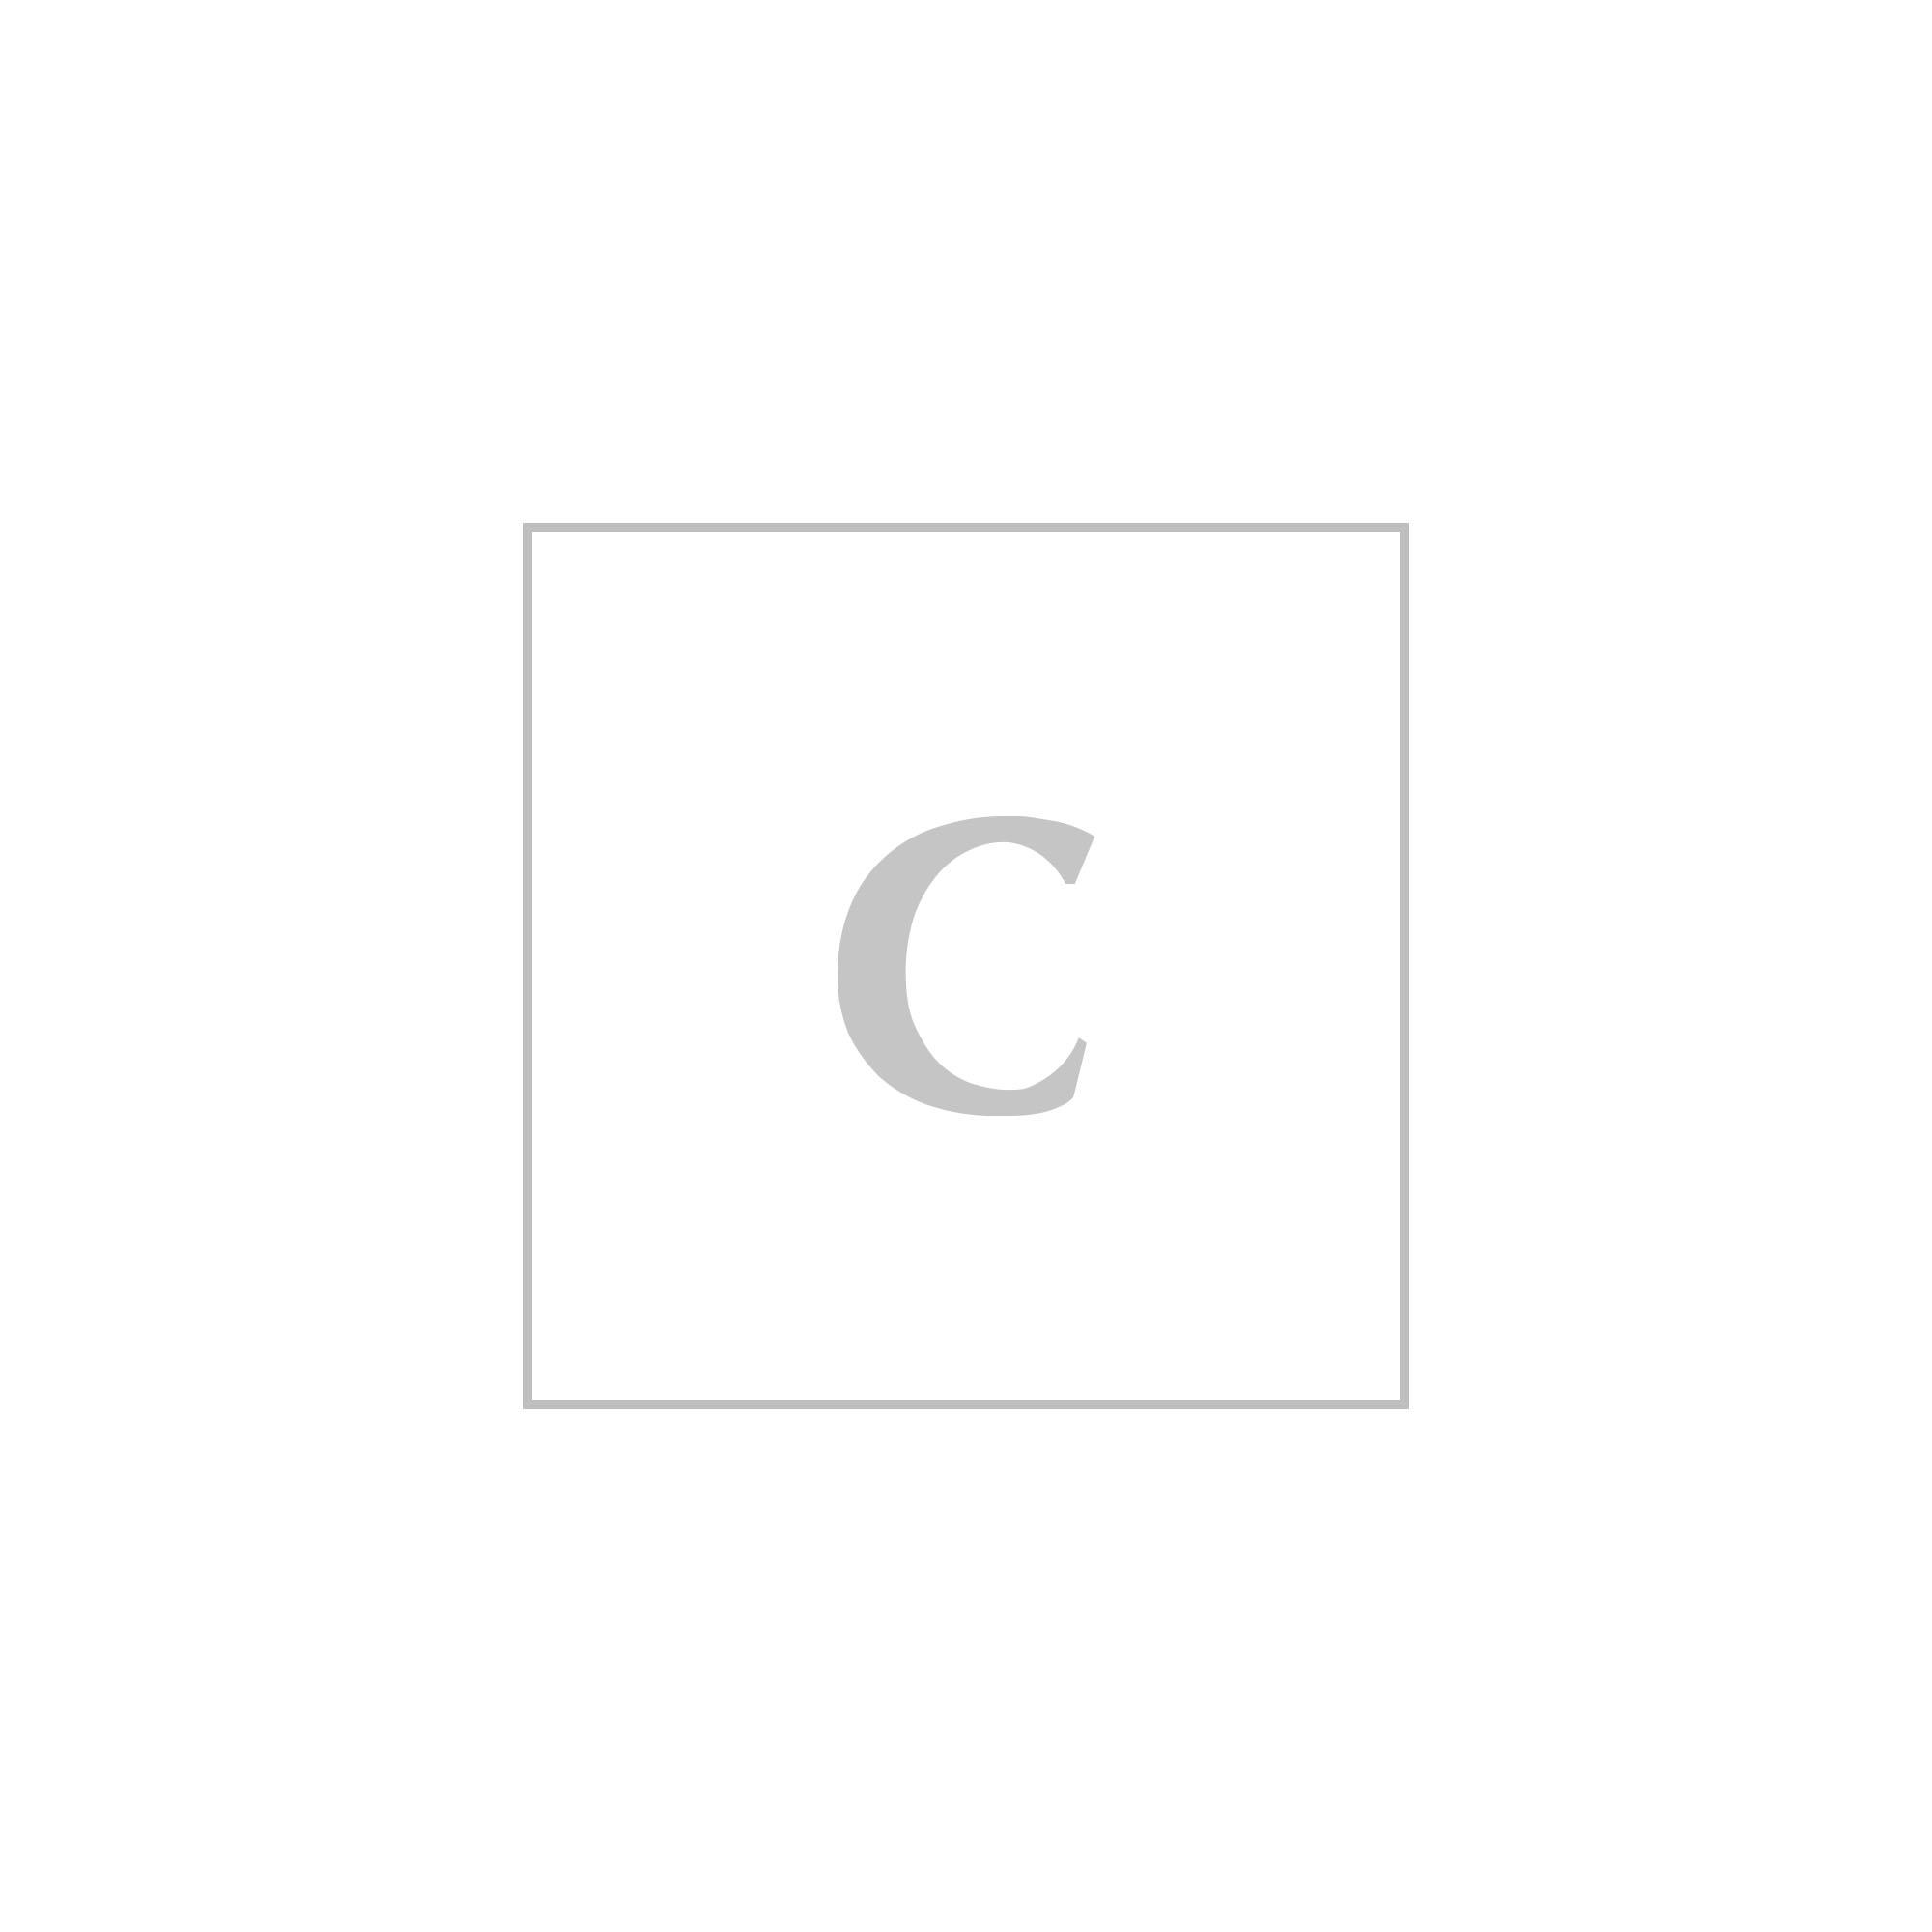 Dolce & gabbana borsa mini crespo leo sicily